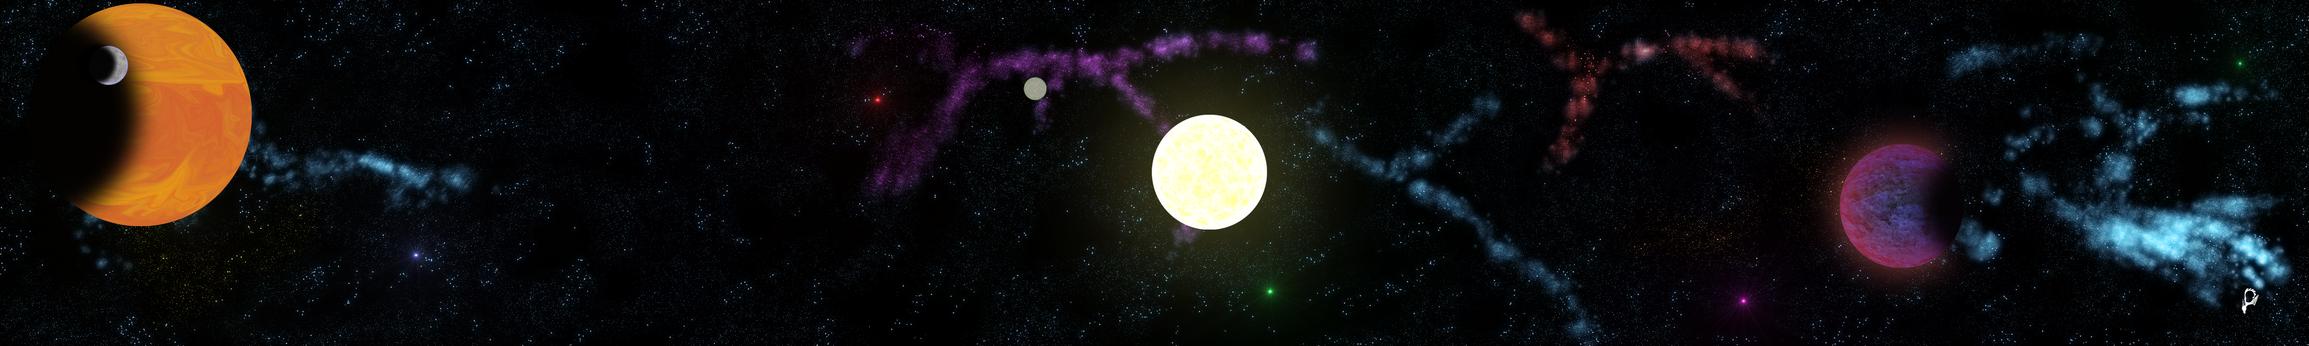 Star system panorama